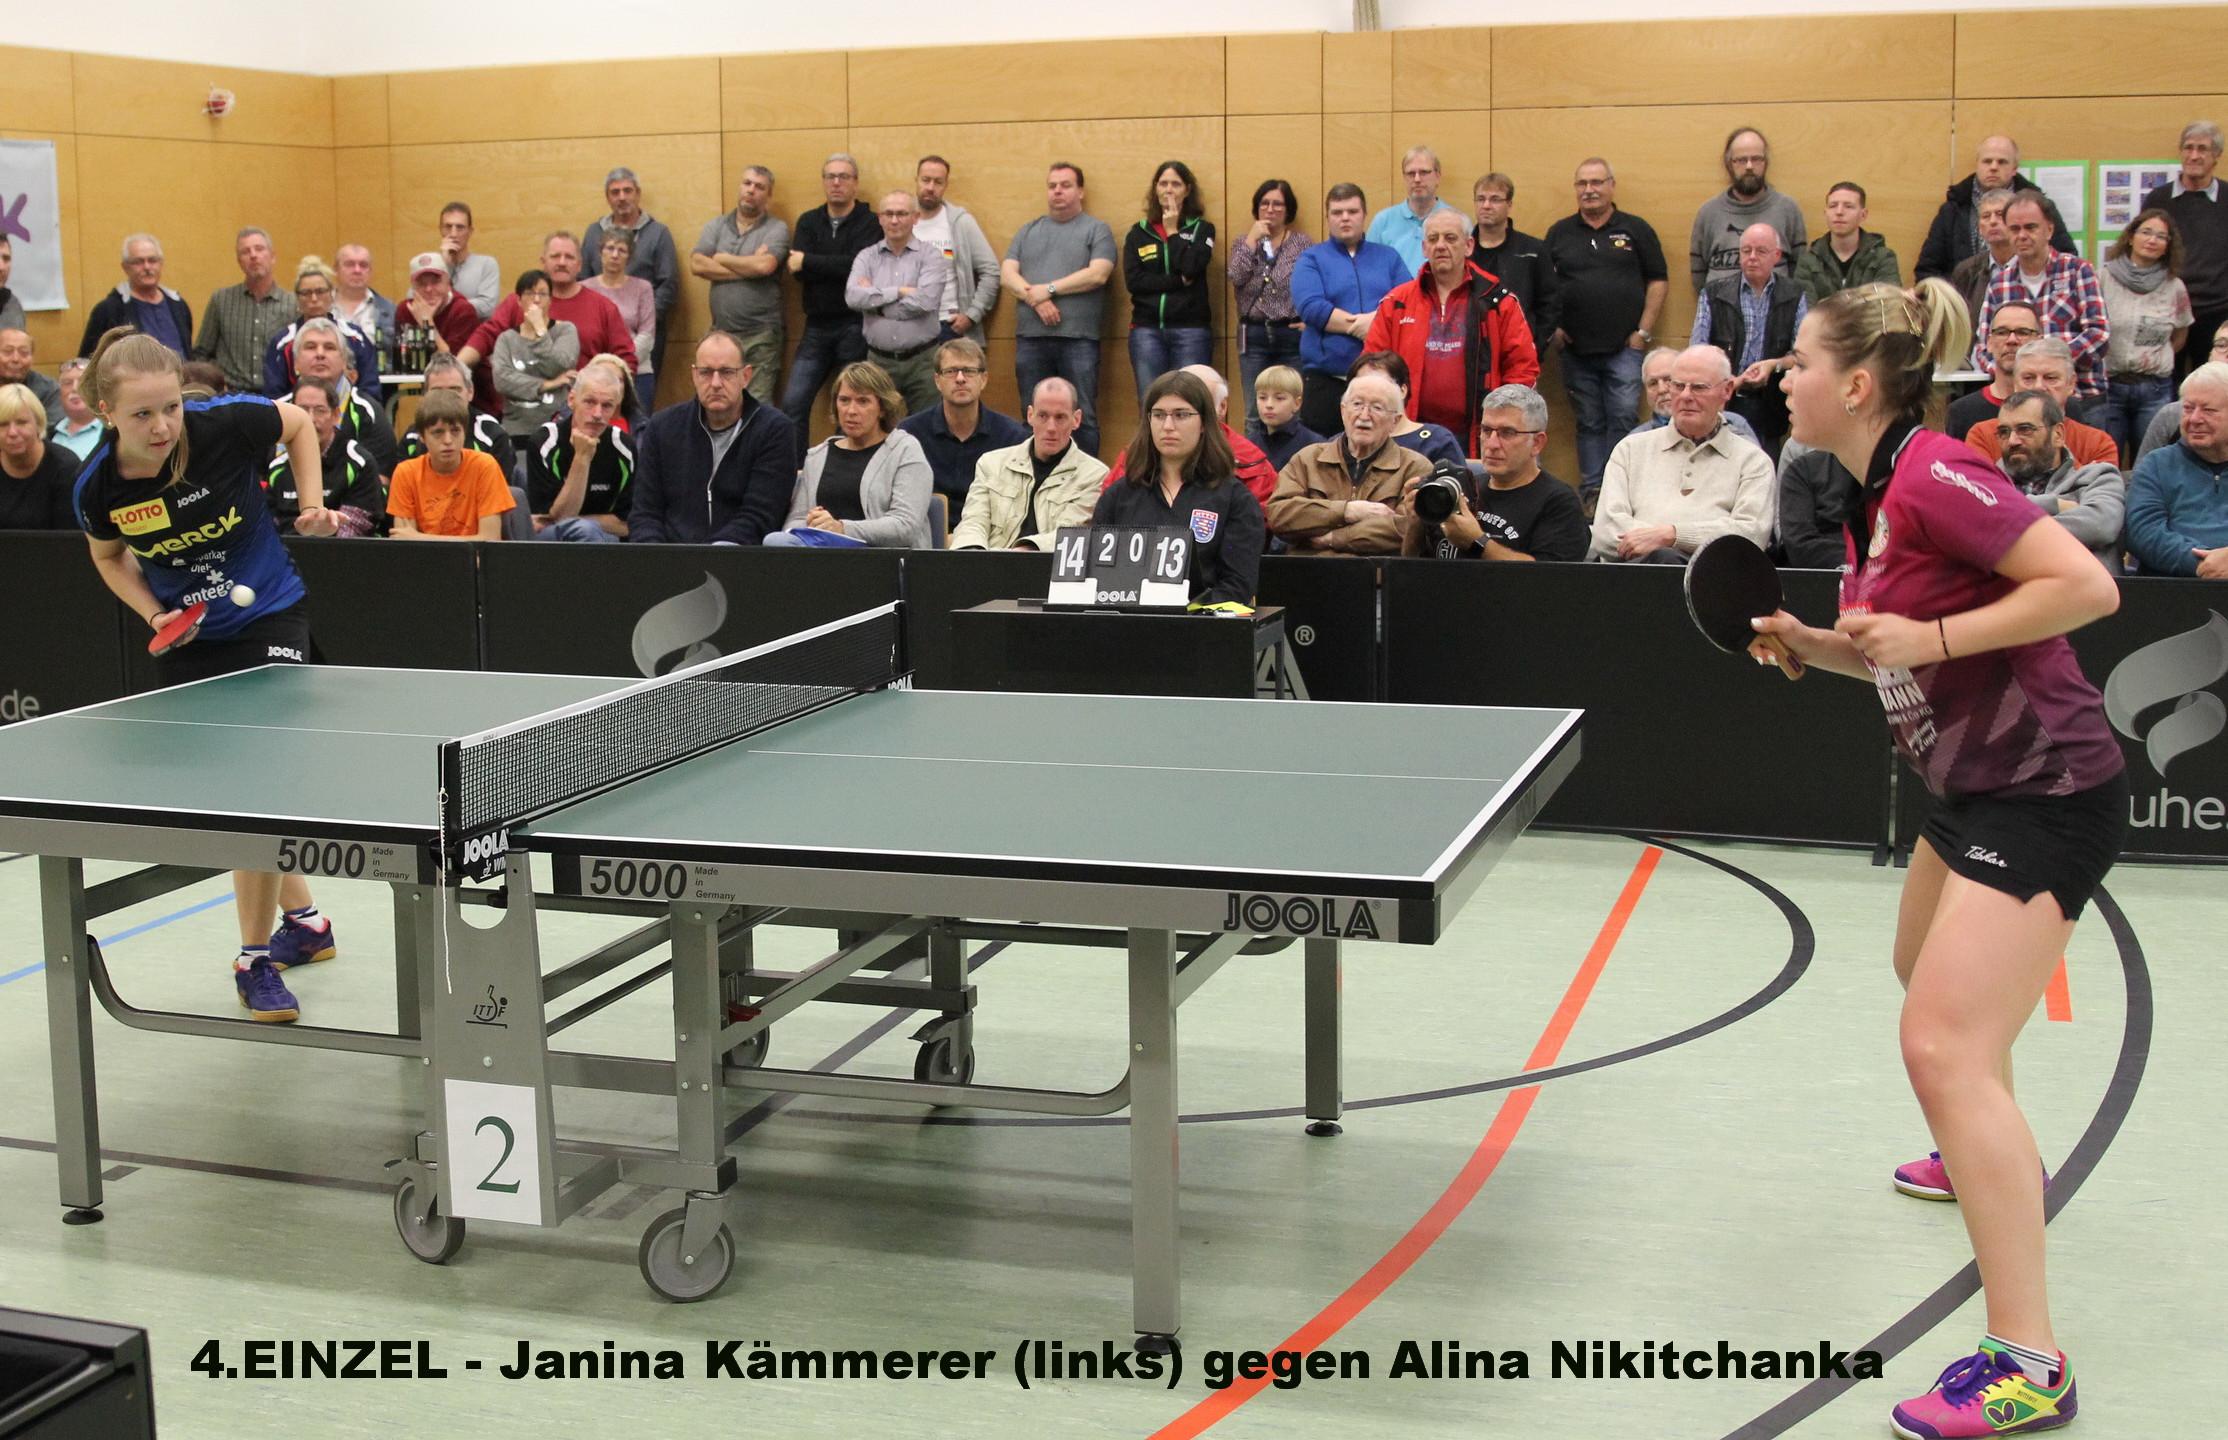 2019-11-09-Langstadt-28